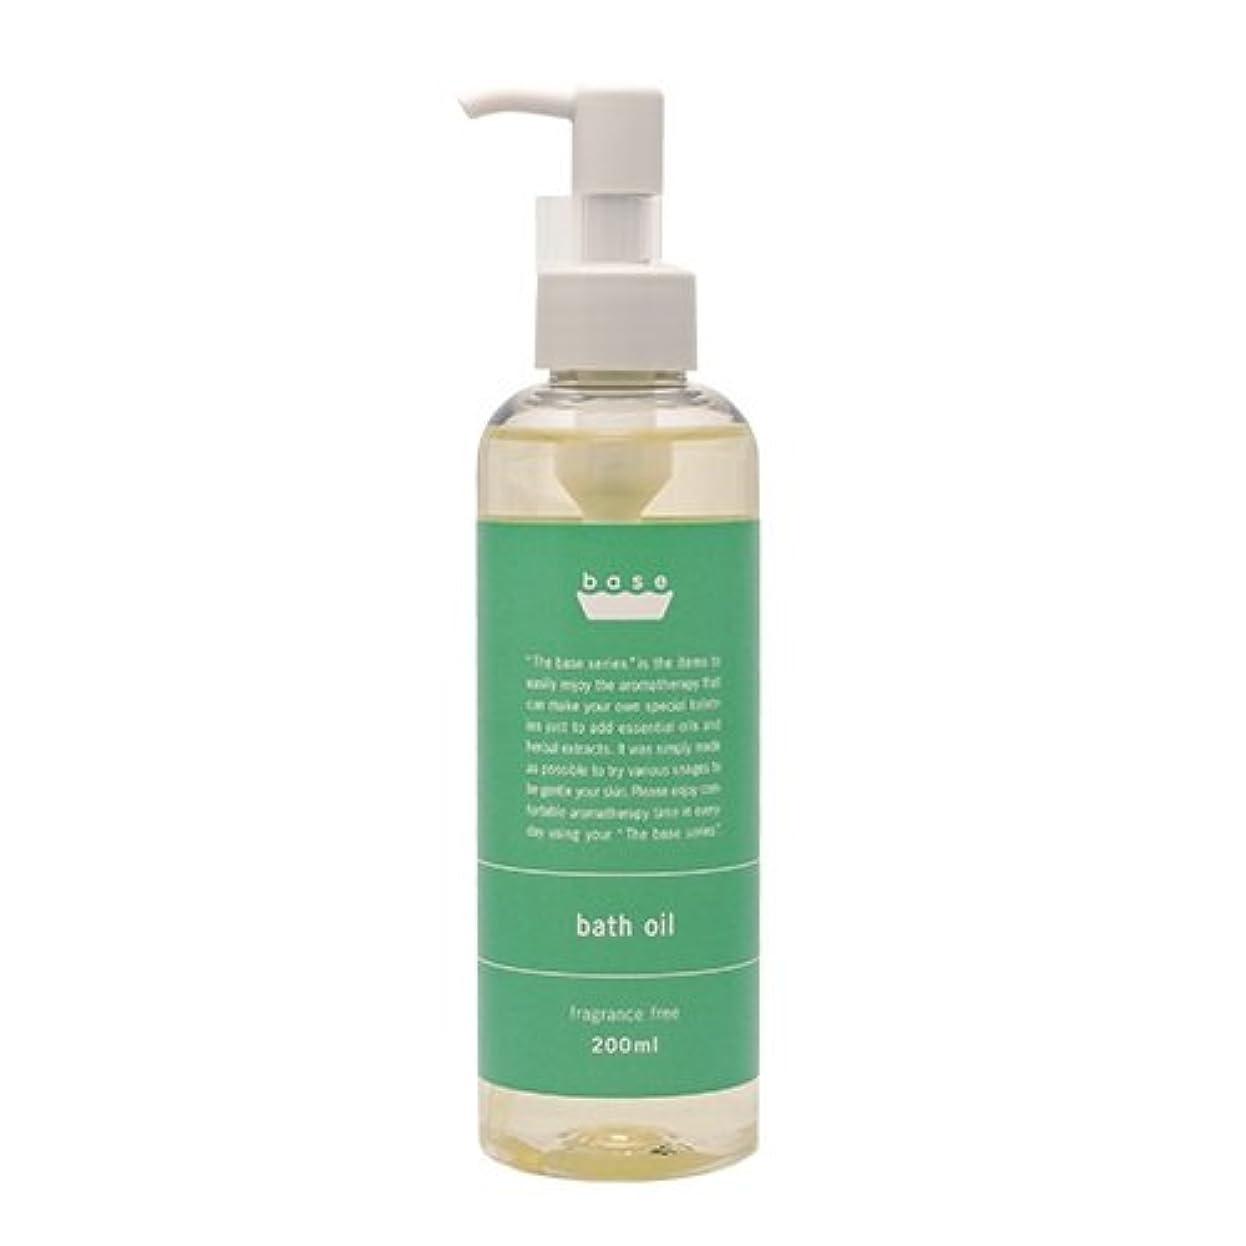 チャーム付属品チャームbase bath oil(バスオイル)200ml